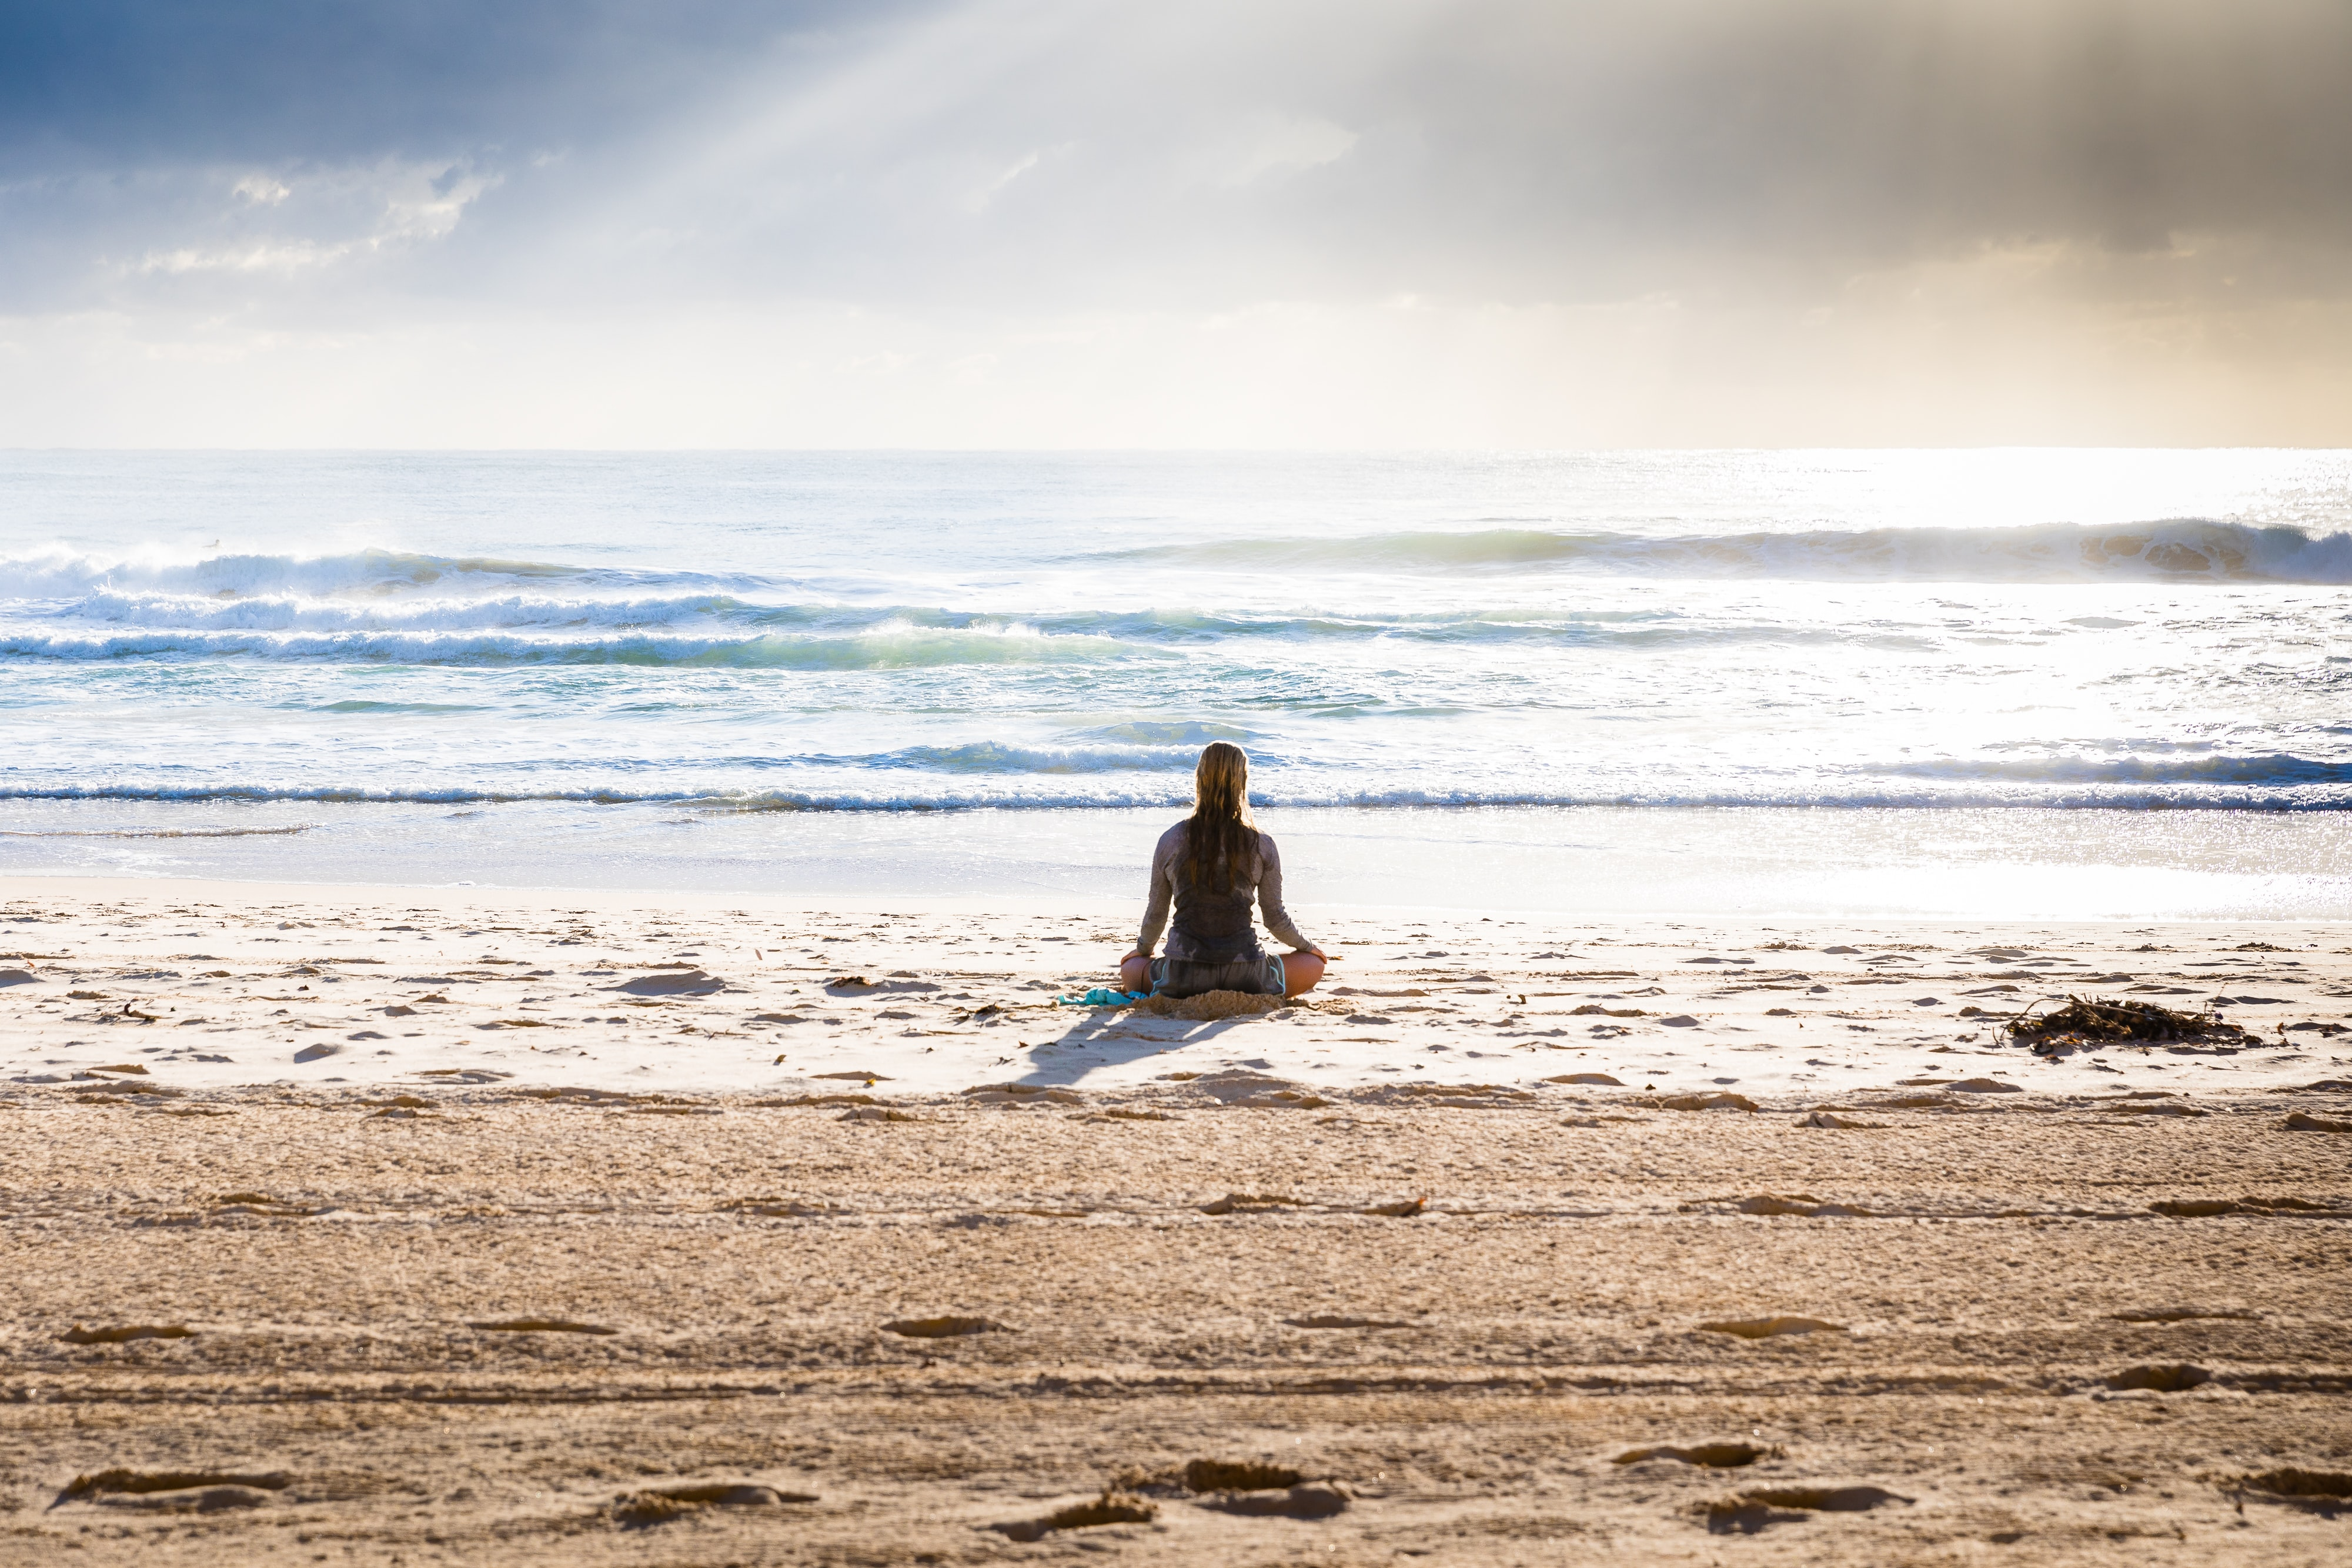 Rentrée scolaire & déménagement: comment rester zen ?